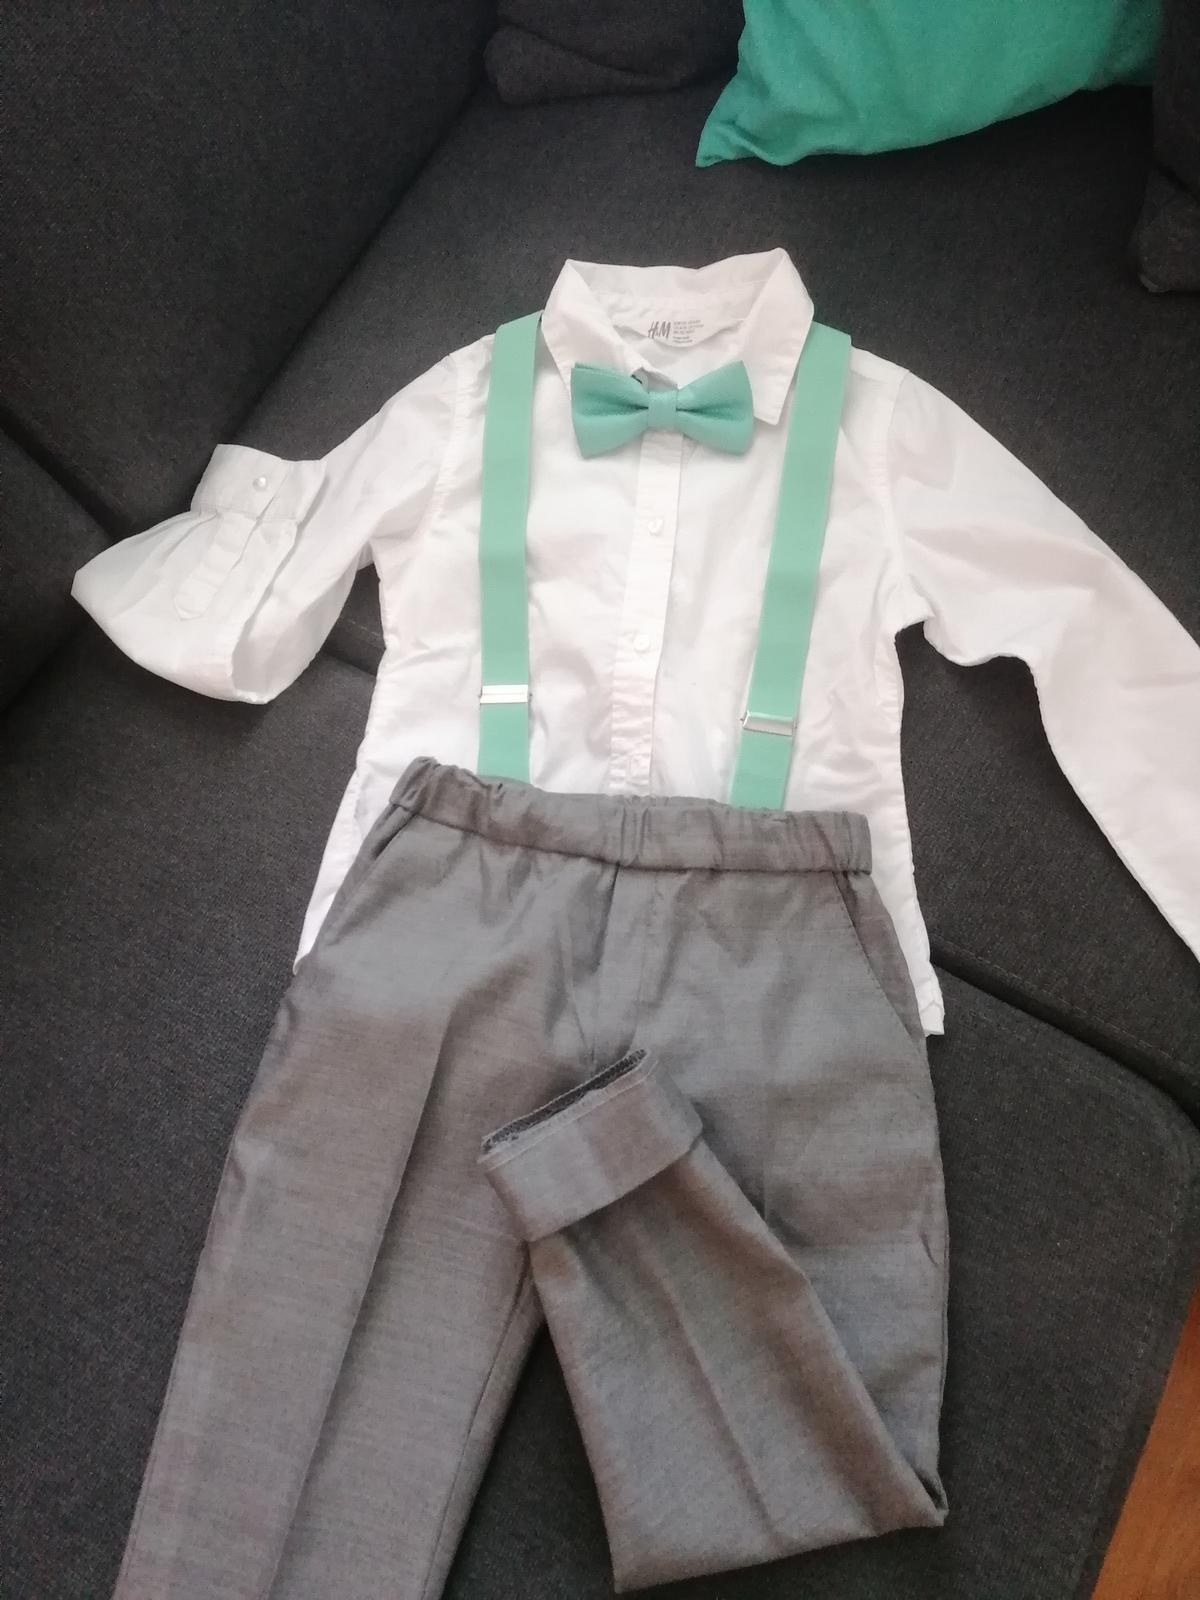 Spoločenské oblečenie pre chlapca - Obrázok č. 1